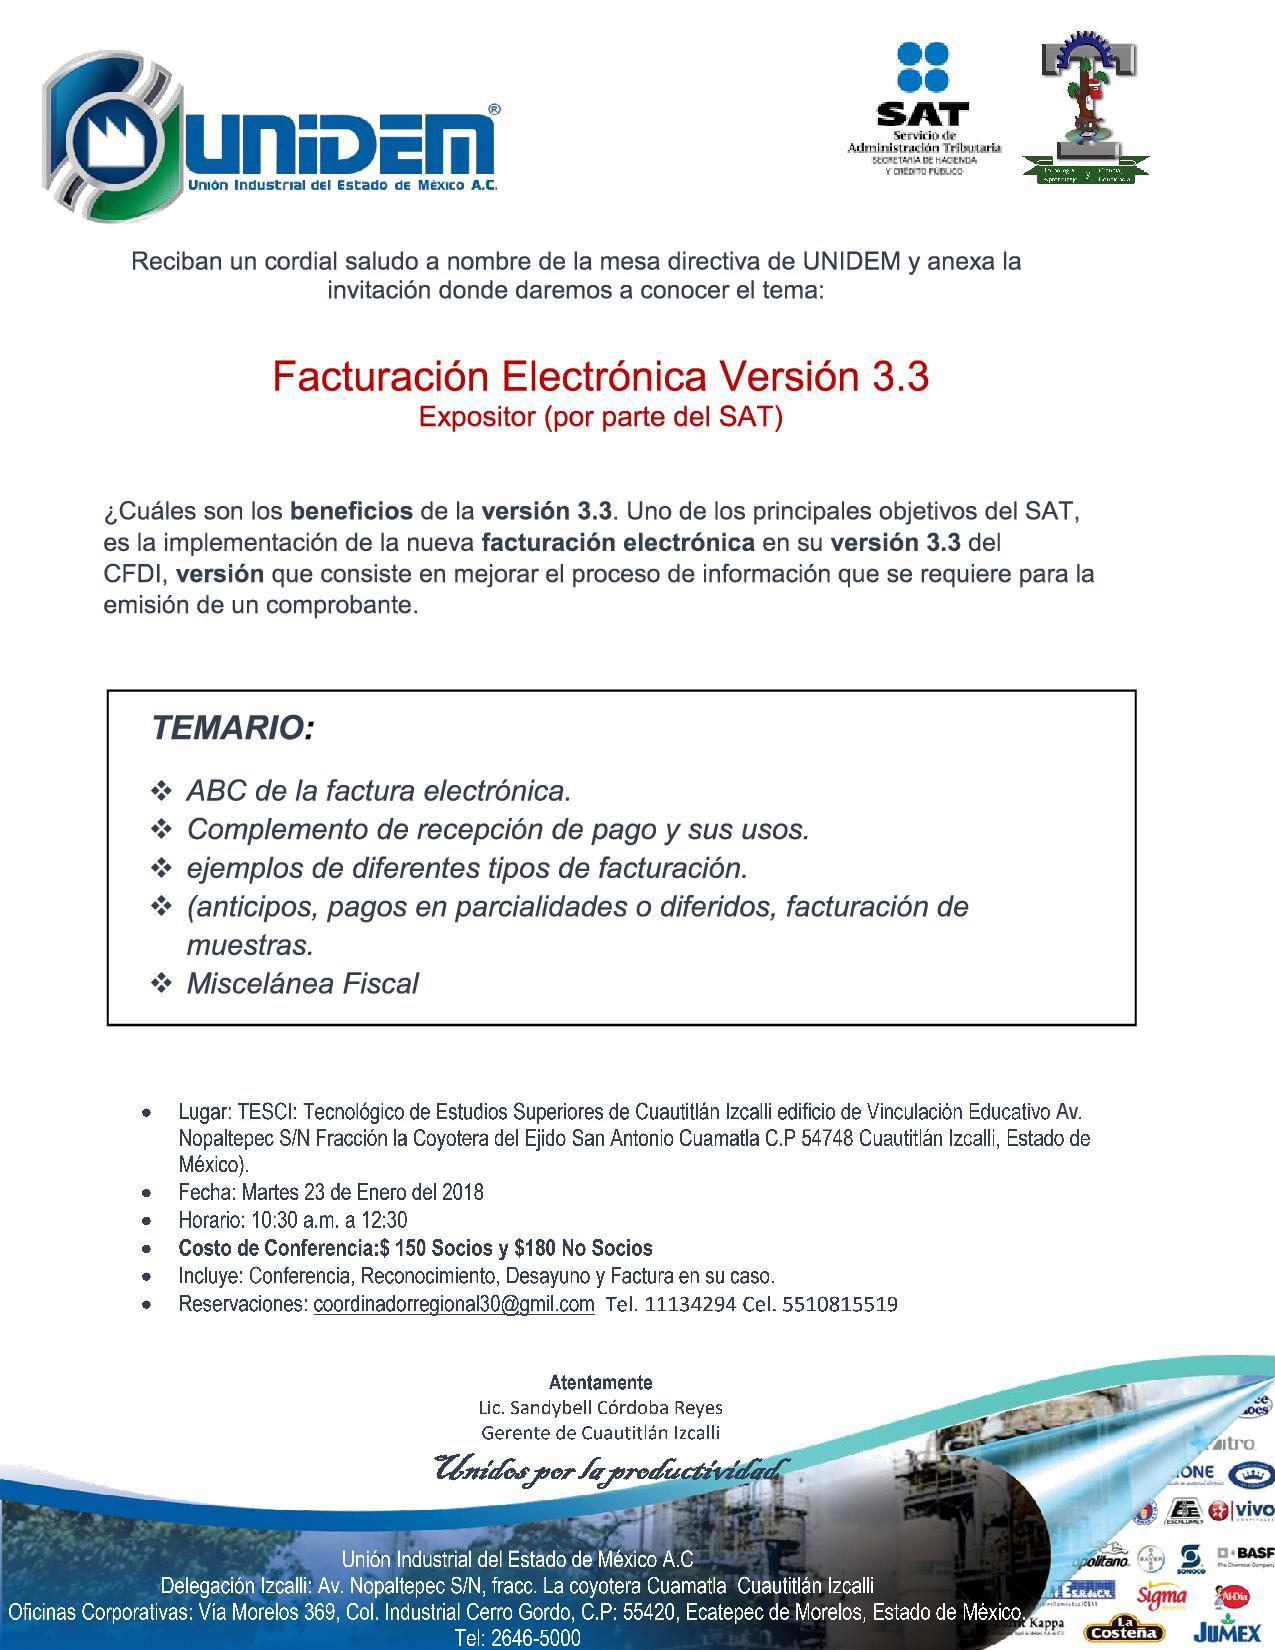 UNIDEM - Conferencia de Facturacion Electronica 3 3 Cuautitlan Izcalli